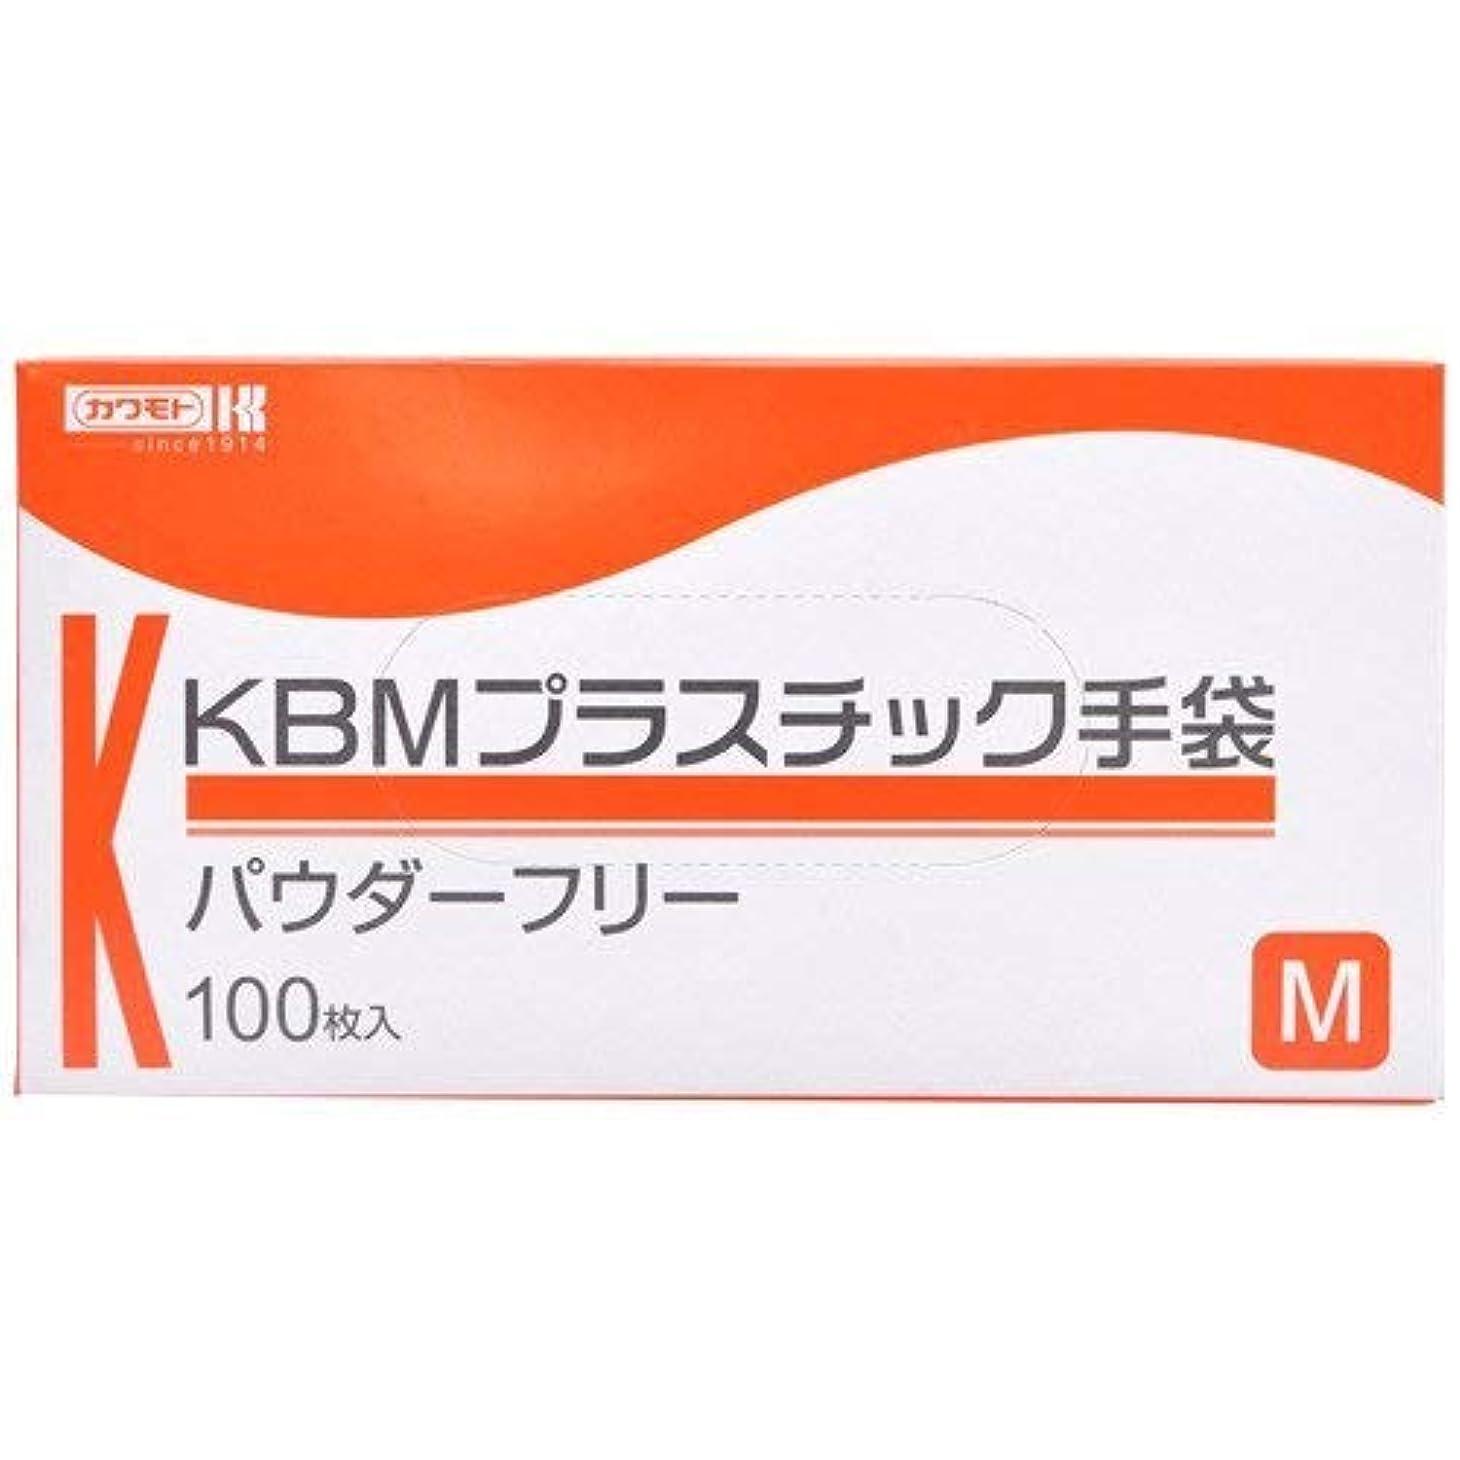 確実火山の閲覧する川本産業 KBMプラスチック手袋 パウダーフリー M 100枚入 ×2個